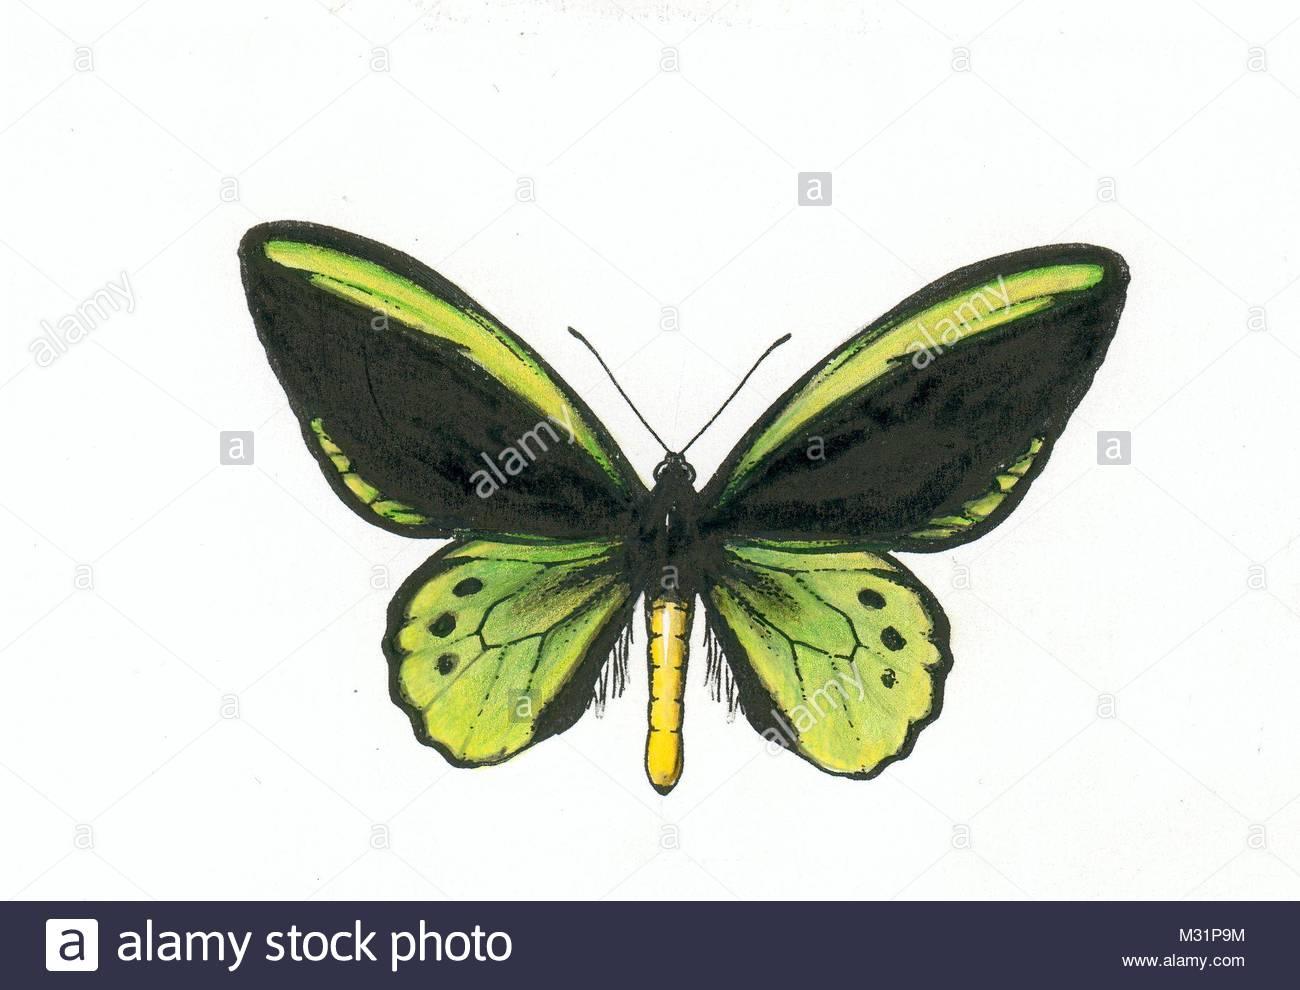 series butterflies series ornithoptera richmondius 1.8 - Stock Image